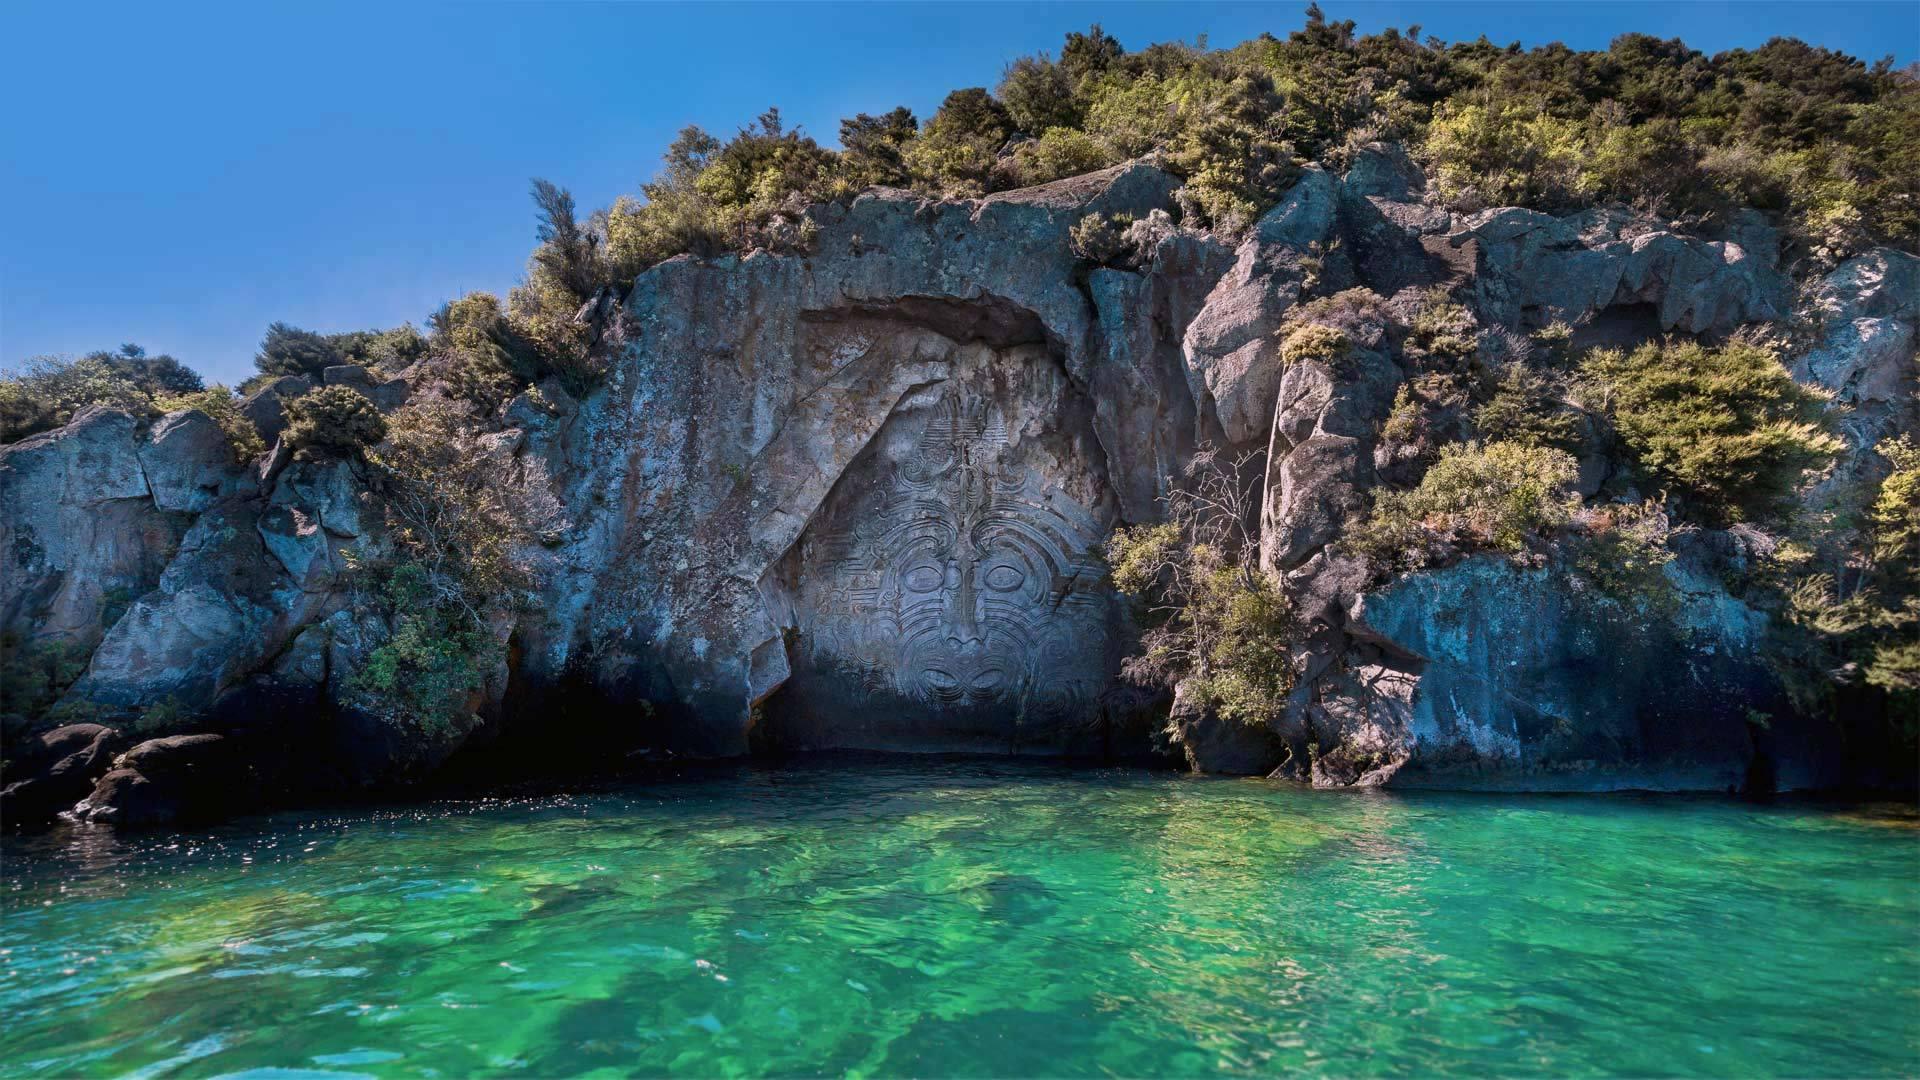 雕刻师在矿山湾创作的岩雕作品陶波湖